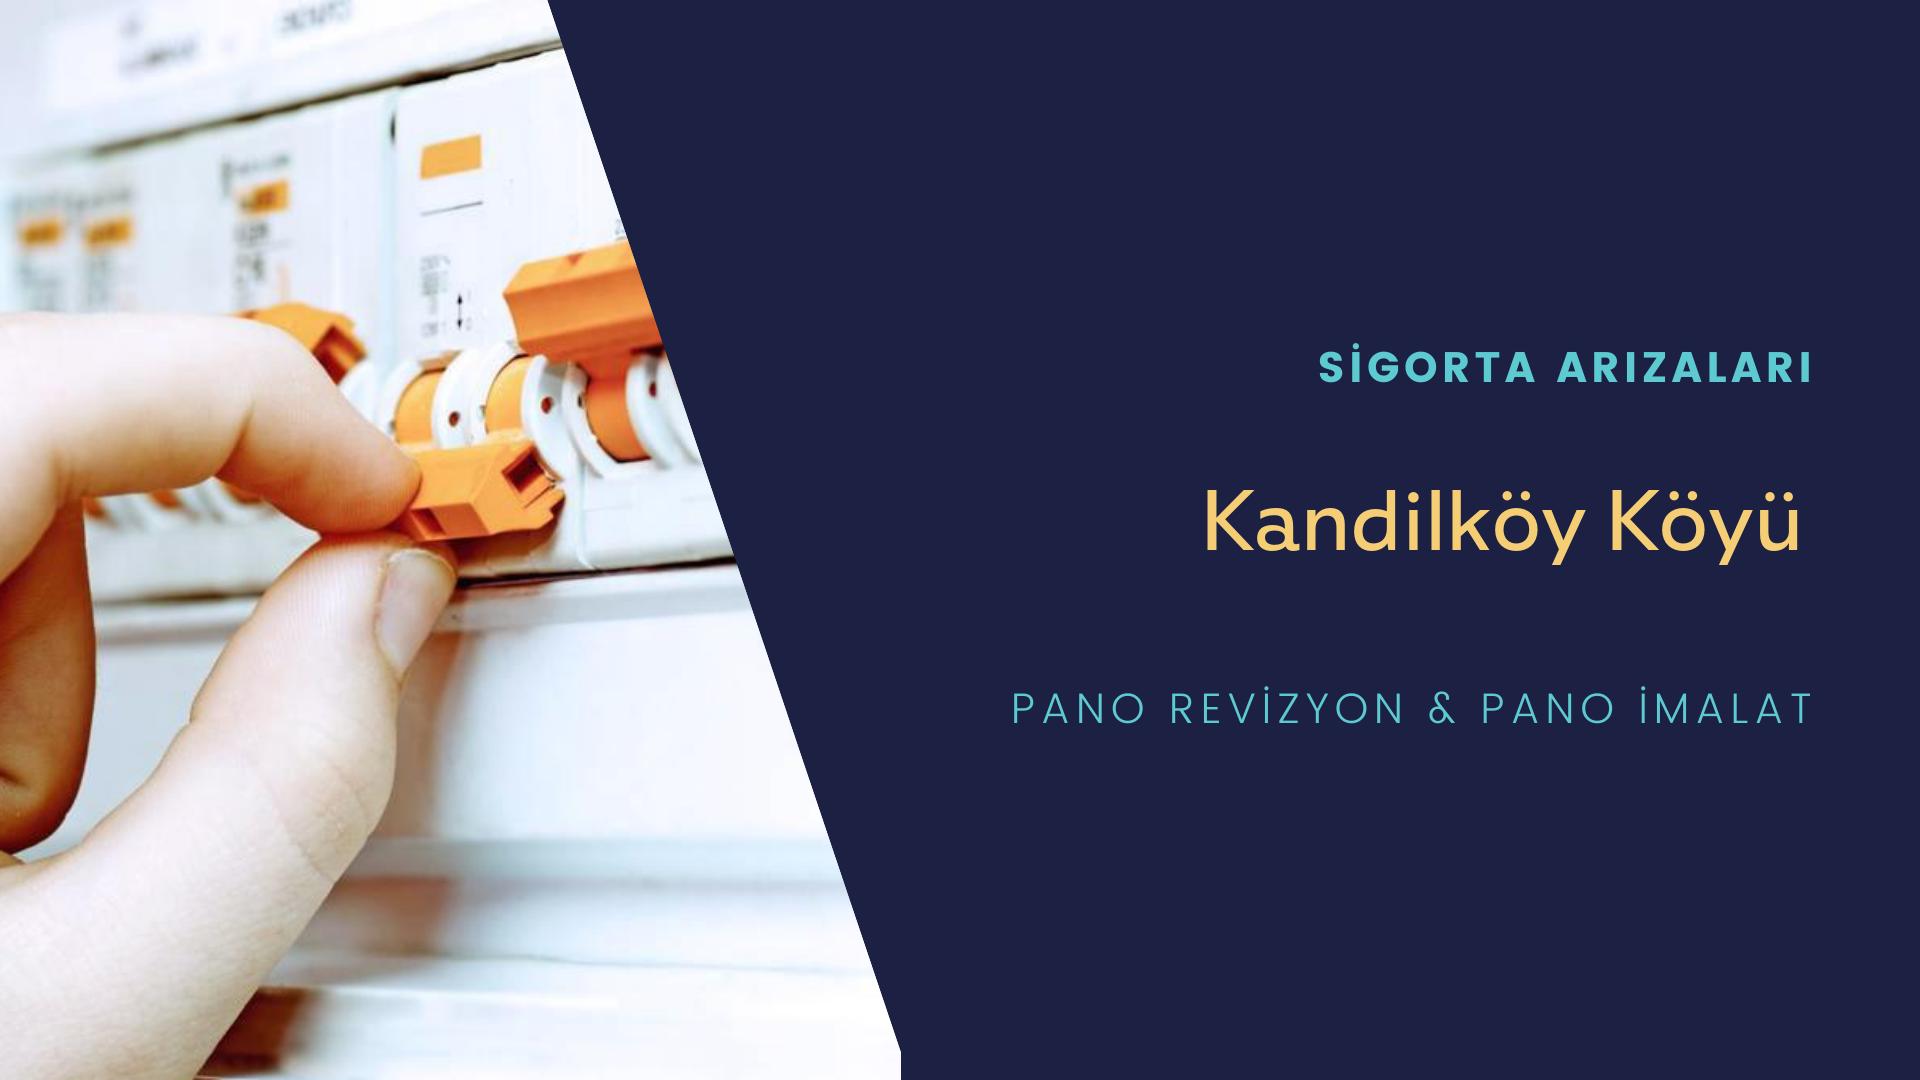 Kandilköy Köyü Sigorta Arızaları İçin Profesyonel Elektrikçi ustalarımızı dilediğiniz zaman arayabilir talepte bulunabilirsiniz.